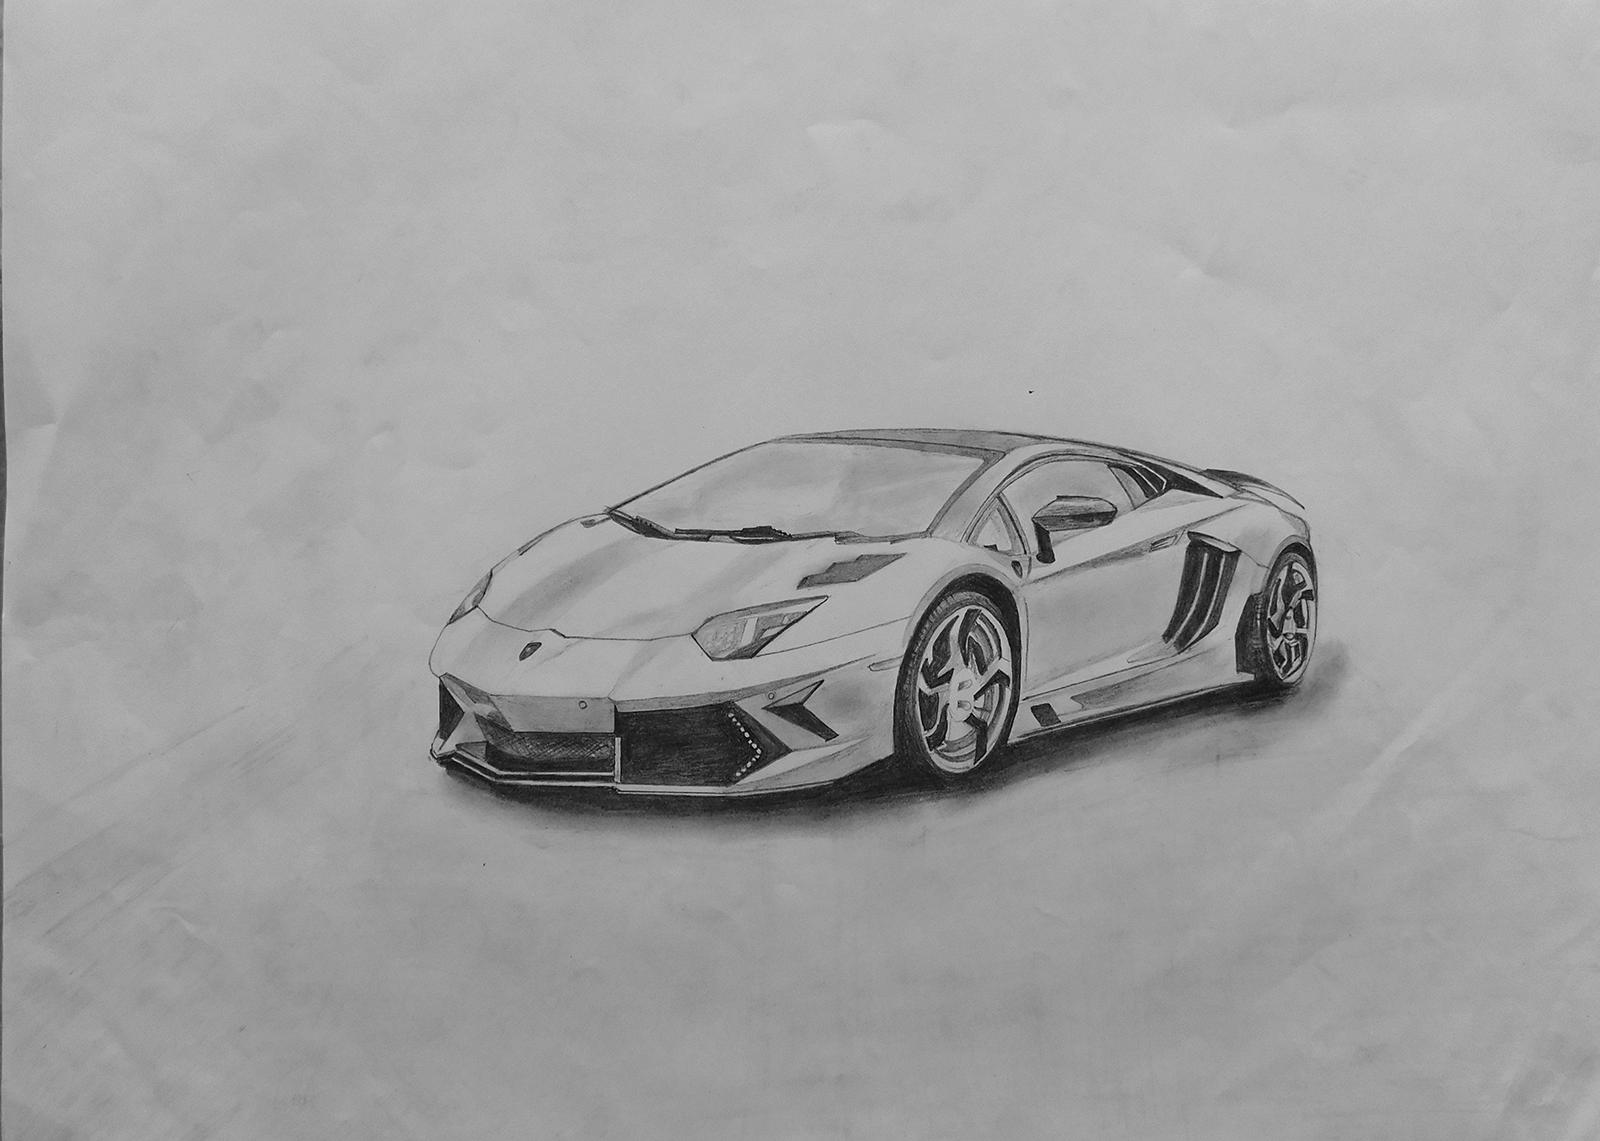 Sourcewing Lamborghini Aventador Pencil Sketch